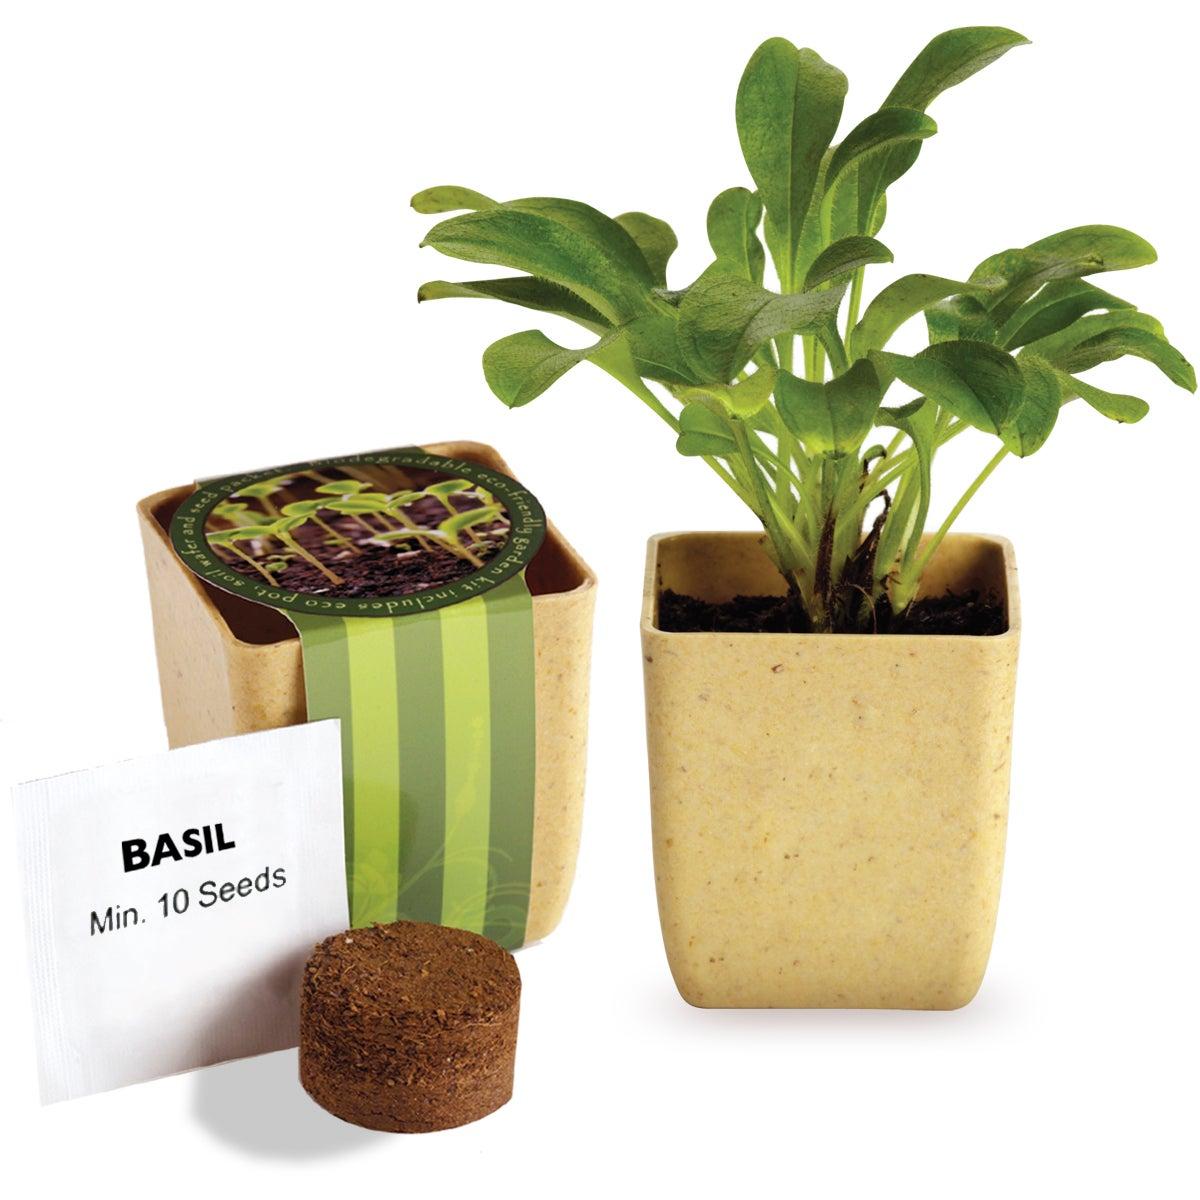 flower pot set with basil seeds trade show giveaways 1. Black Bedroom Furniture Sets. Home Design Ideas